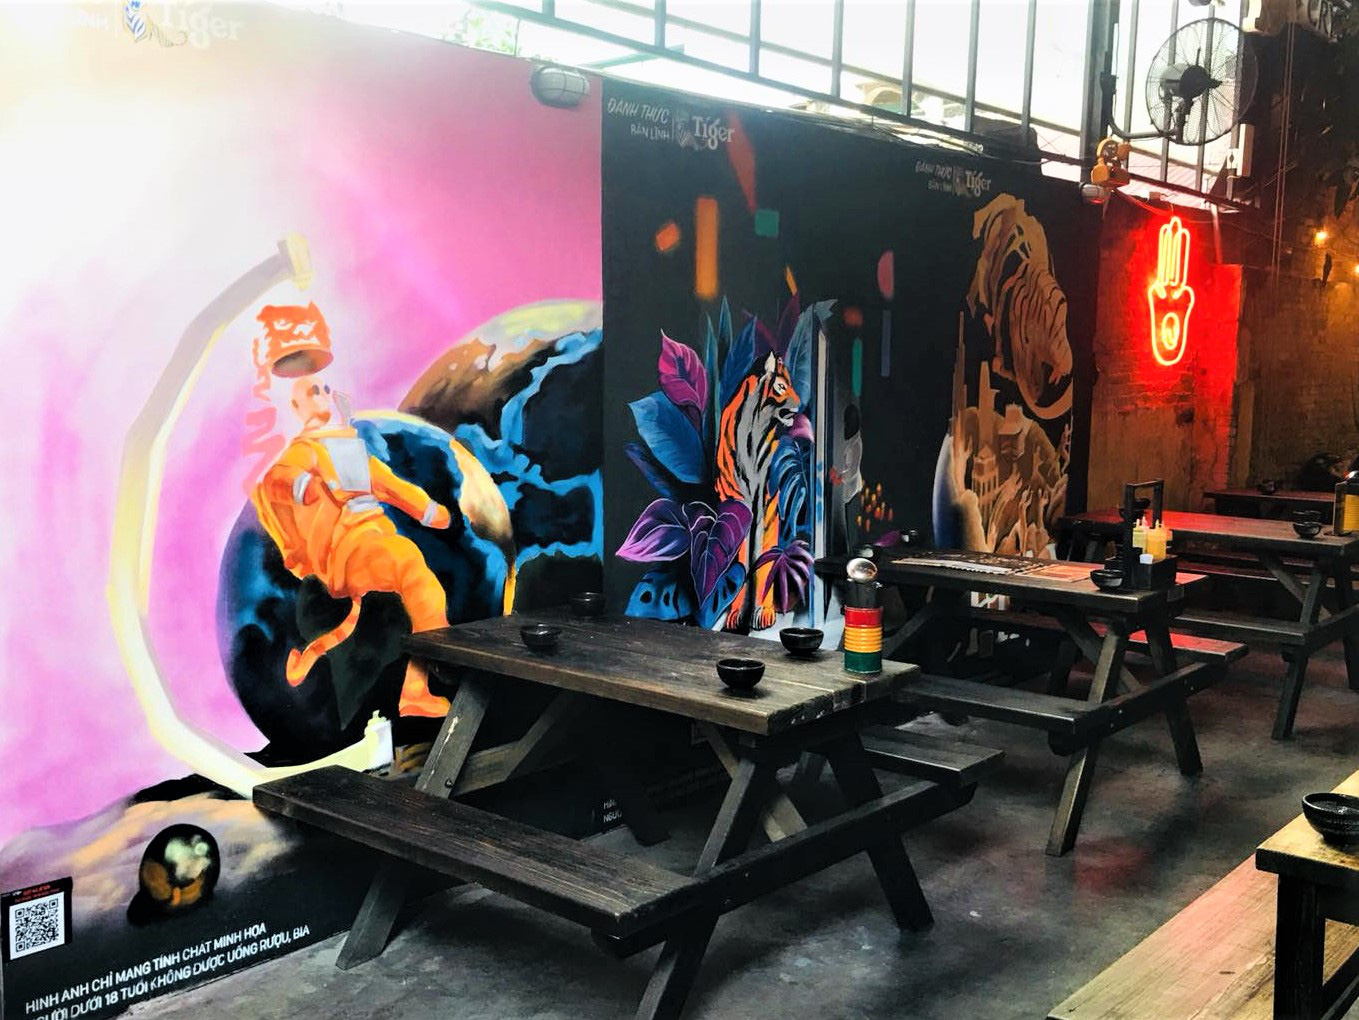 """Những địa điểm tụ họp quen thuộc bỗng chốc hóa thành """"triển lãm nghệ thuật"""" đặc sắc - Ảnh 3."""